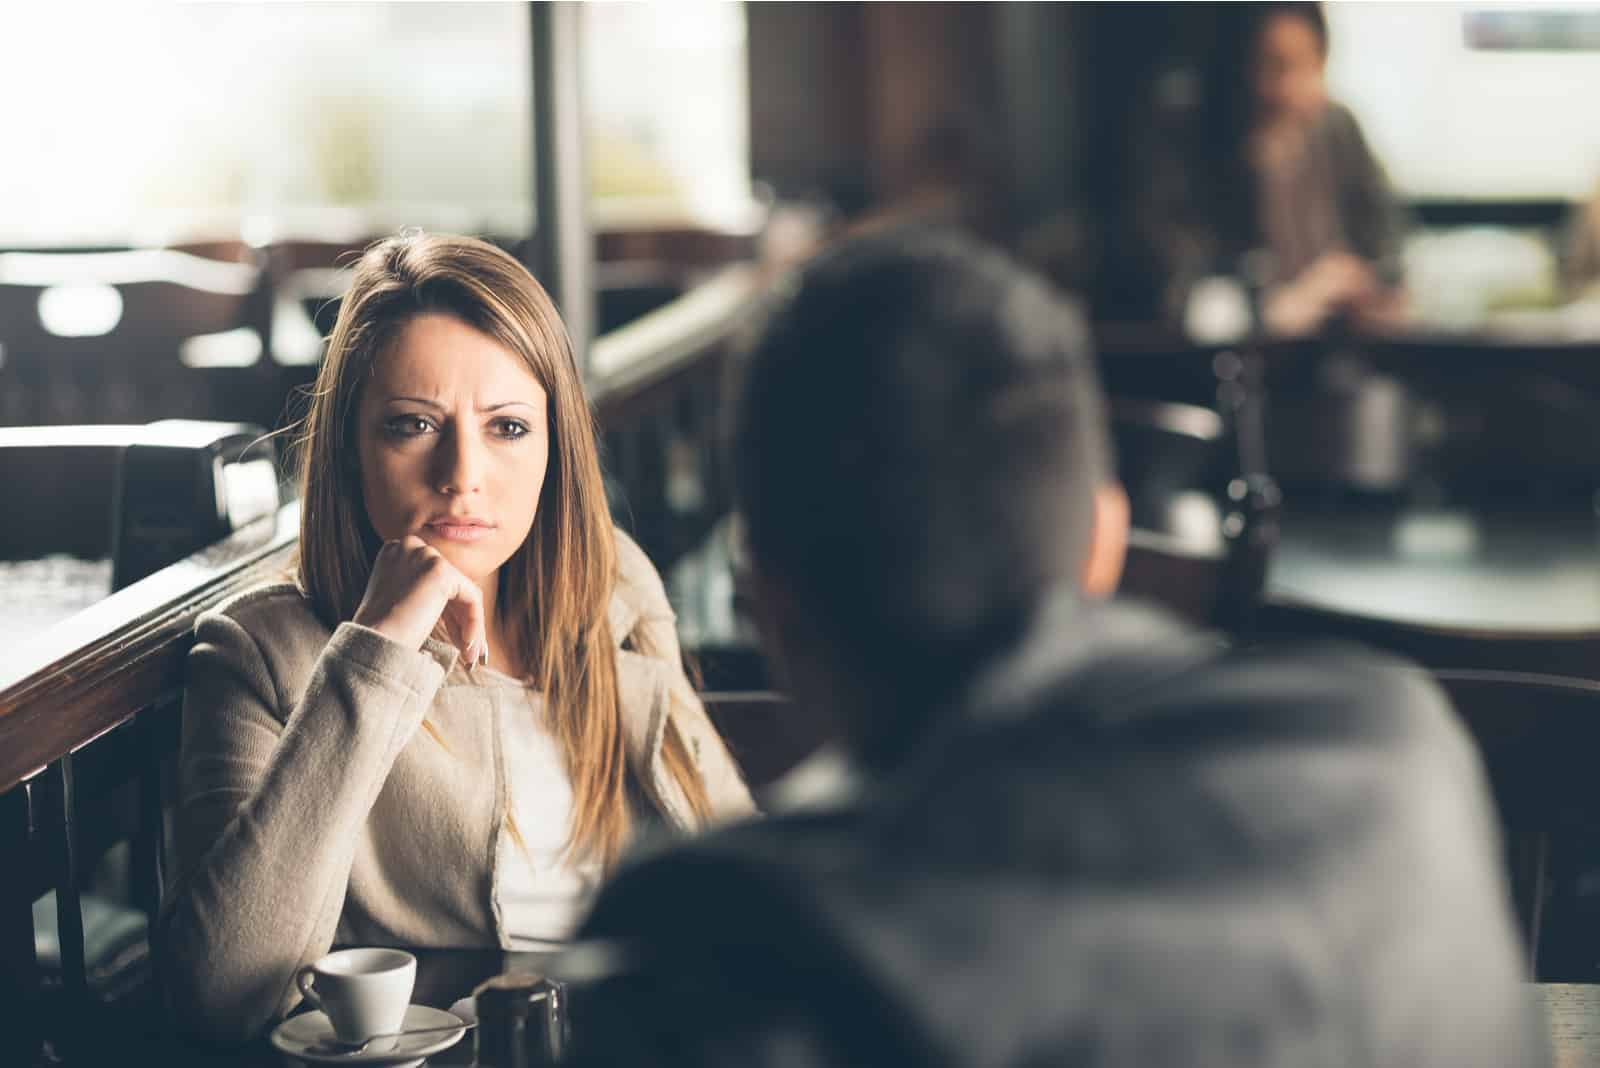 Une femme aux longs cheveux blonds a l'air confus à l'homme pendant qu'ils parlent